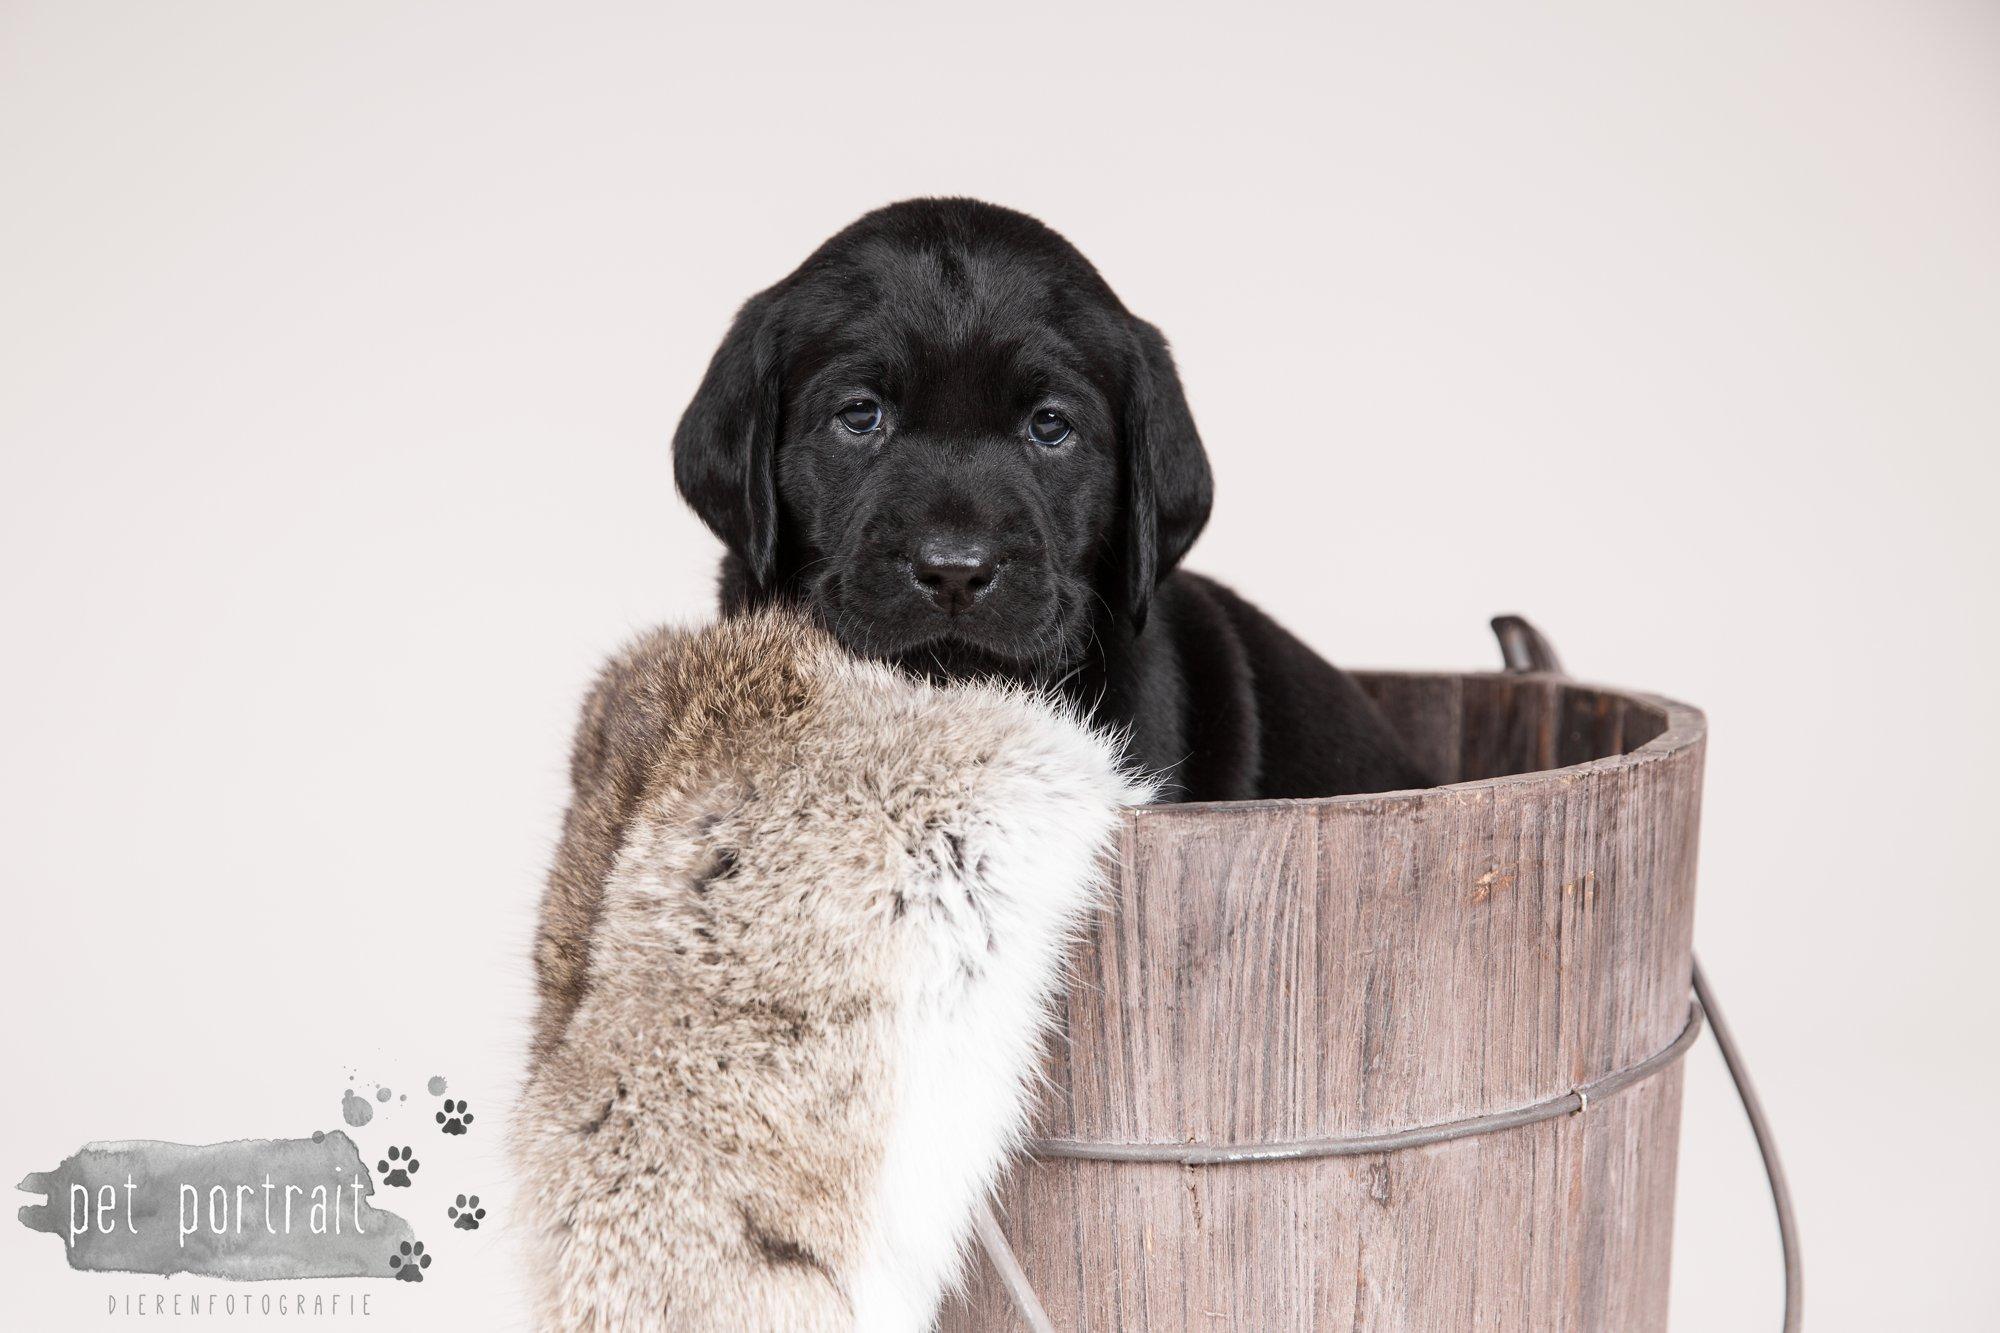 Hondenfotograaf Hillegom - Nestfotoshoot Labrador pups-5